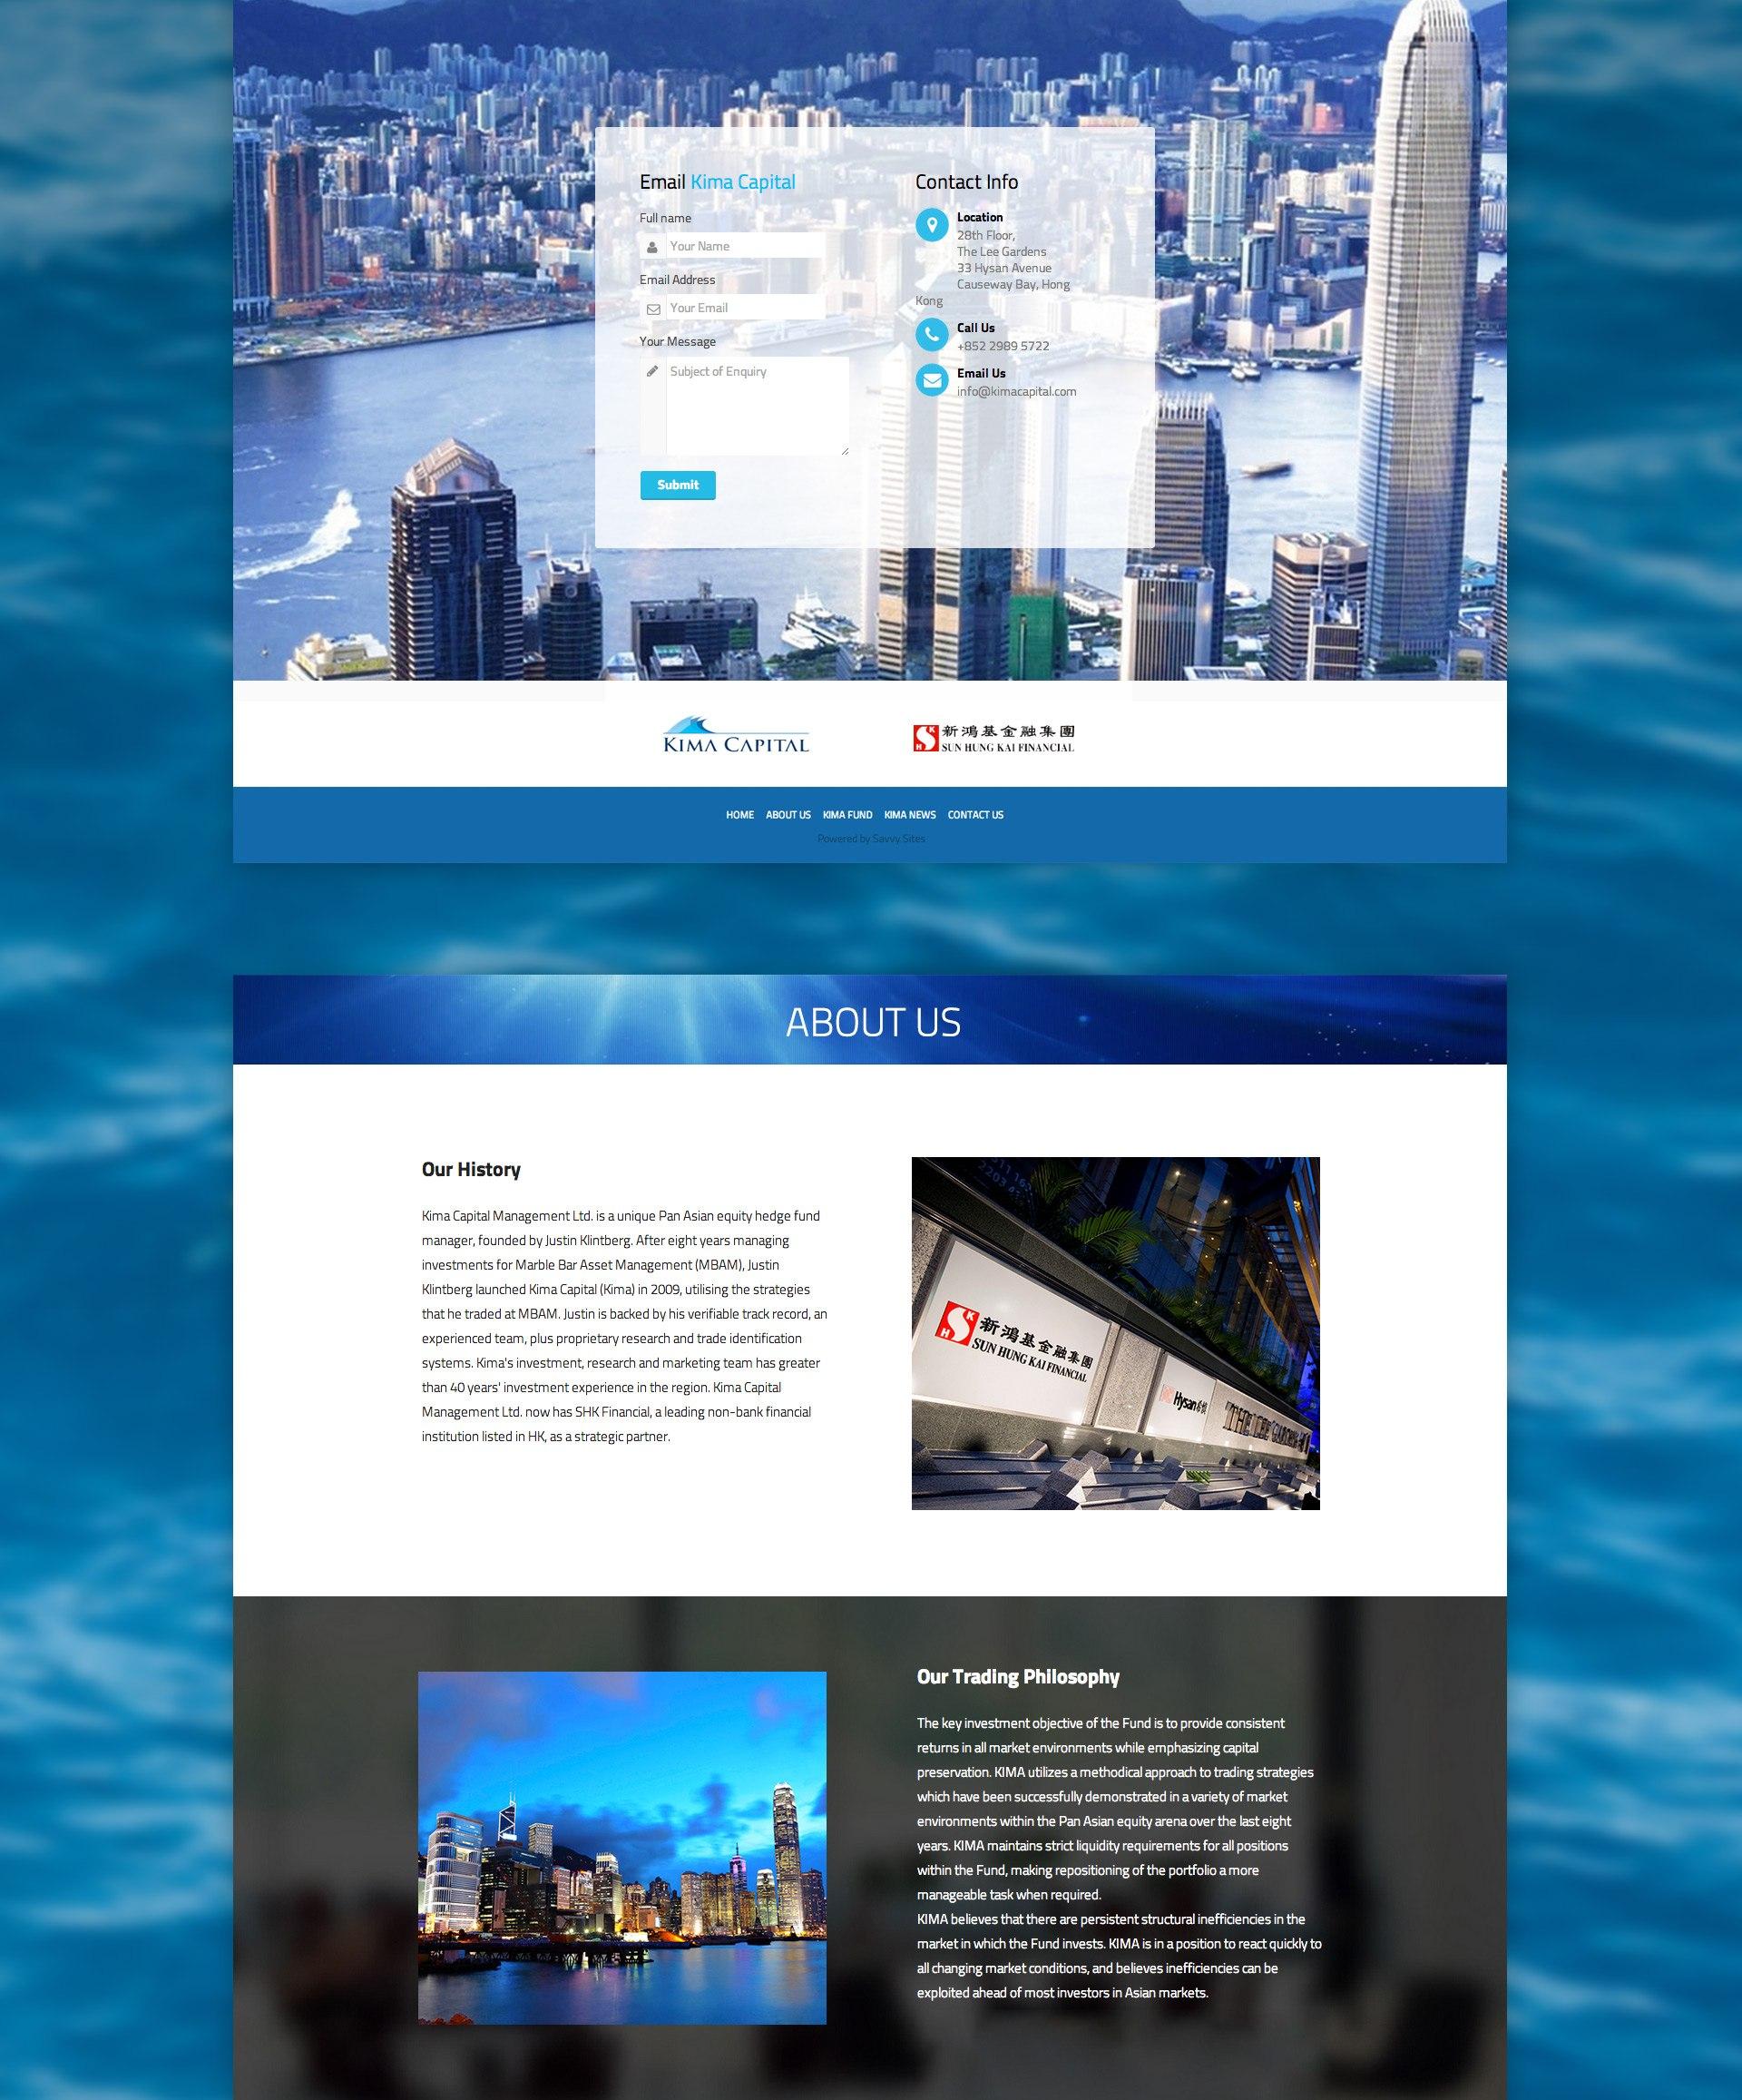 53fa967a7a3eaa5860e8c925_KimaCapital-ProjectPart-3.jpg